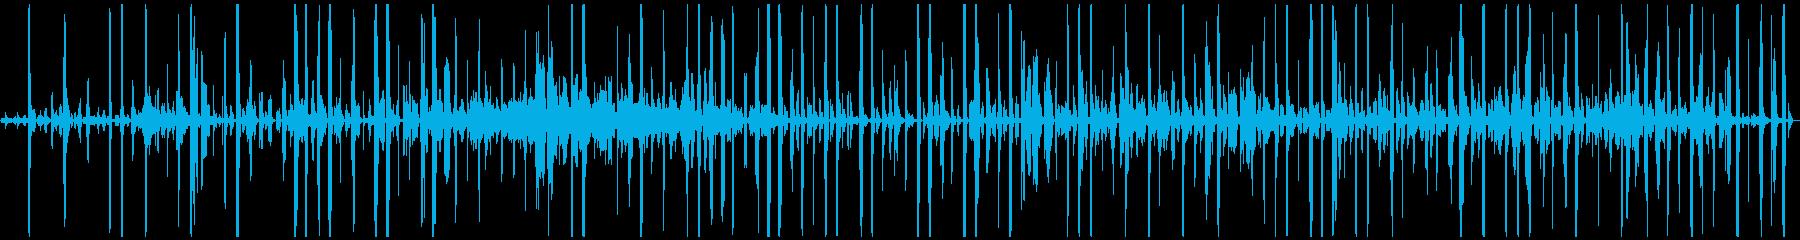 シンセのフィルター。ミステリアス。逆。の再生済みの波形